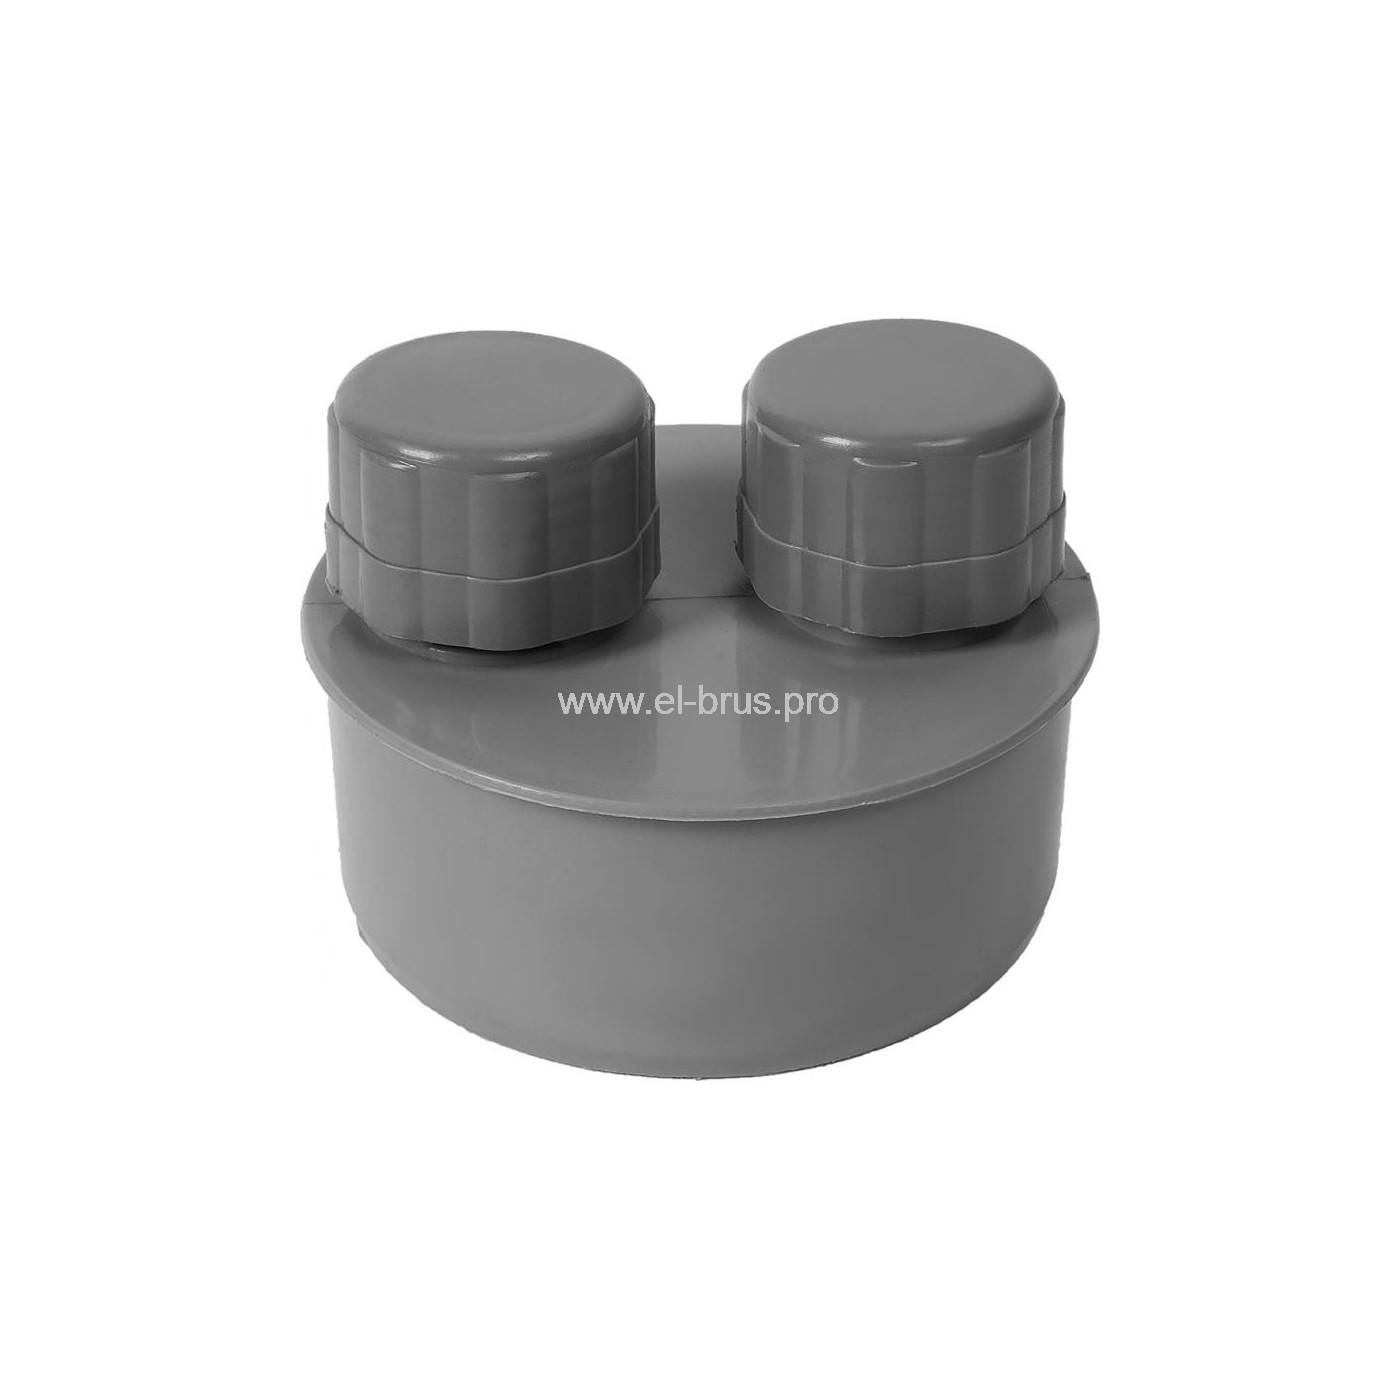 Вакуумный клапан (аэратор) ПП Ø110мм ВК ПОЛИТЭК